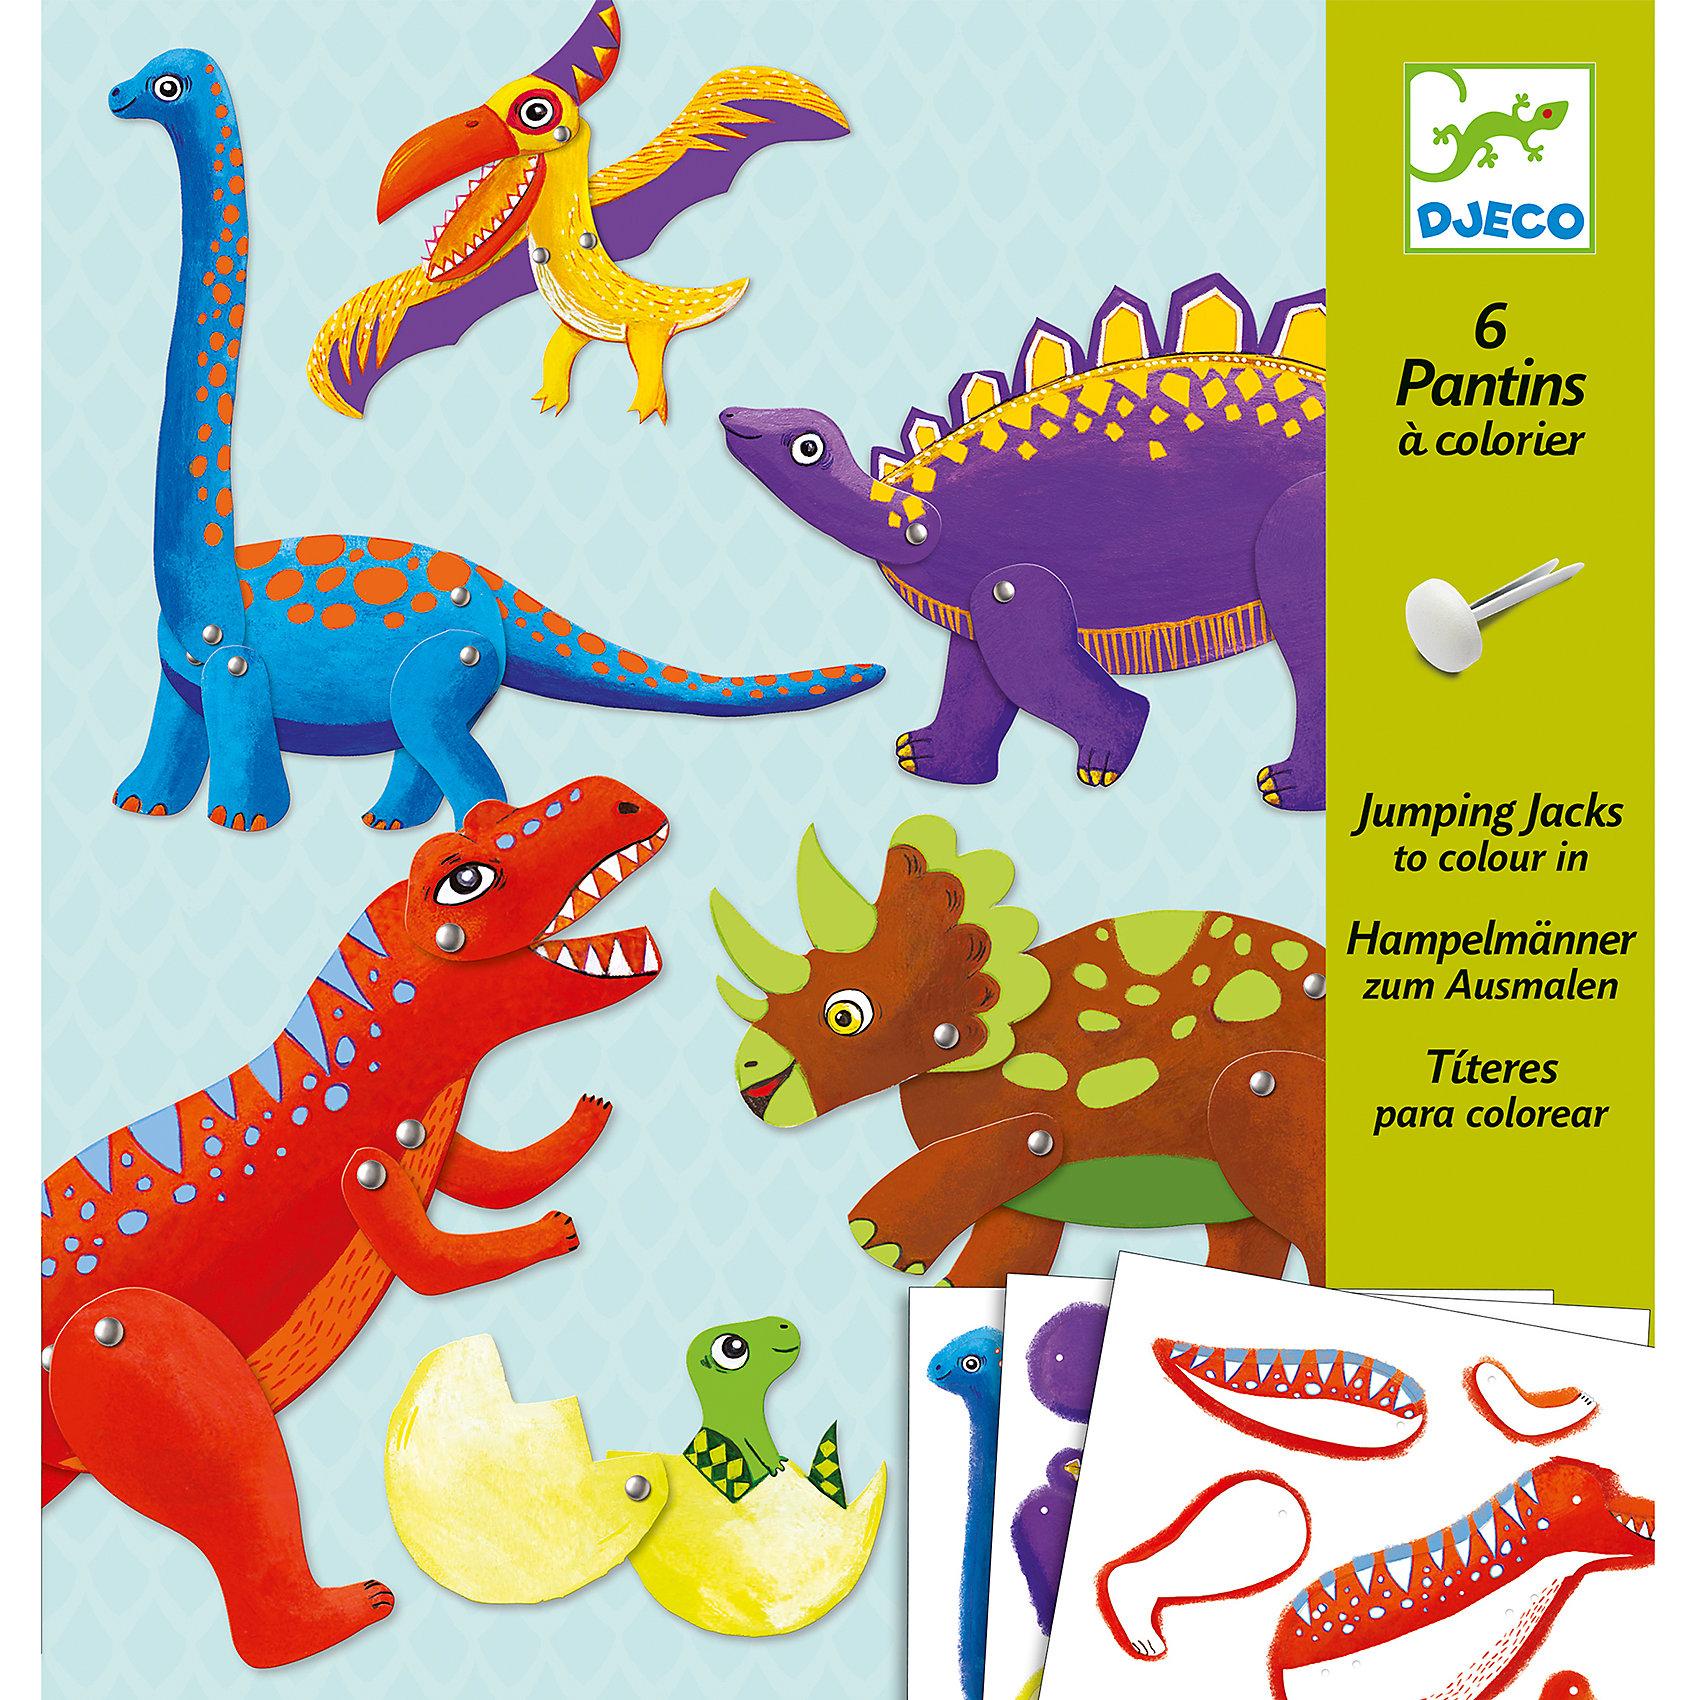 Набор куколок Динозавры , DJECOОкружающий мир<br>Набор Динозавры - оригинальный набор для детского творчества и увлекательная игра одновременно. Из разнообразных ярких деталей и разноцветных кнопок ваш ребенок с огромным удовольствием составит 6 фигурок динозавров. Лапы и крылья динозавров подвижные, что делает игру еще более динамичной и занимательной. Все детали соединяются без особых усилий, поэтому ребенок сможет самостоятельно собрать все фигурки. Если перед началом игры обвести все предлагаемые детали по контуру и перенести их на картон, у вас появятся заготовки для собственных оригинальных творений. Игра с набором, несомненно увлечет вашего ребенка и поможет ему развить творческие способности, внимание и мелкую моторику. <br><br>Дополнительная информация:<br><br>- Материал: картон, металл.<br>- Размер упаковки:  22х23 см.<br>- Комплектация: 34 детали для 6 фигурок, 6 палочек, 30 кнопок, инструкция.<br>- В комплекте: 6 фигурок.<br>- Размер фигурки: 30 см.<br><br>Набор куколок Динозавры , DJECO (Джеко), можно купить в нашем магазине.<br><br>Ширина мм: 220<br>Глубина мм: 230<br>Высота мм: 10<br>Вес г: 100<br>Возраст от месяцев: 60<br>Возраст до месяцев: 120<br>Пол: Унисекс<br>Возраст: Детский<br>SKU: 4051903